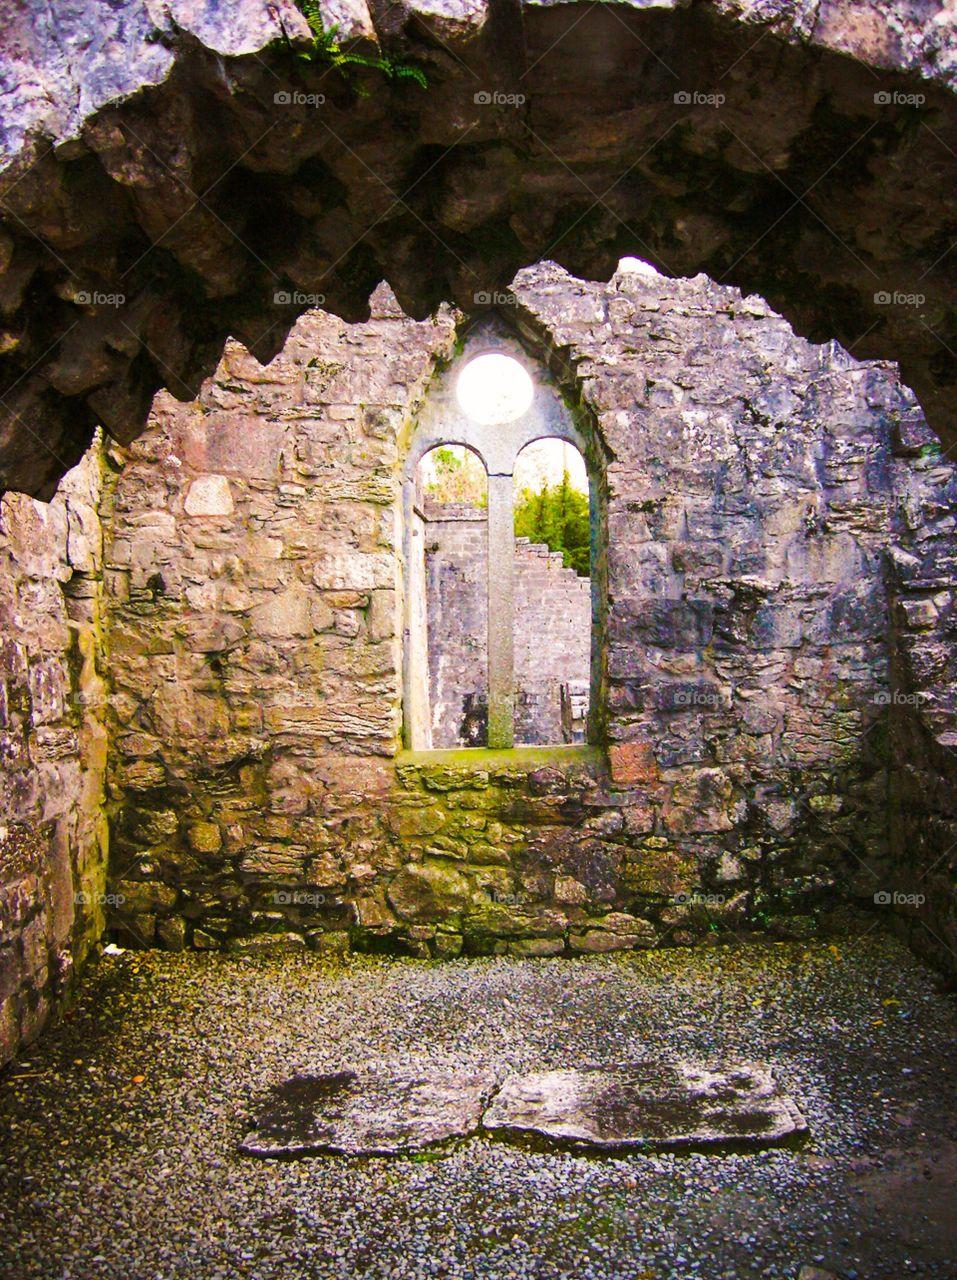 Mystical Window of Ireland. Enchanted window in Ireland